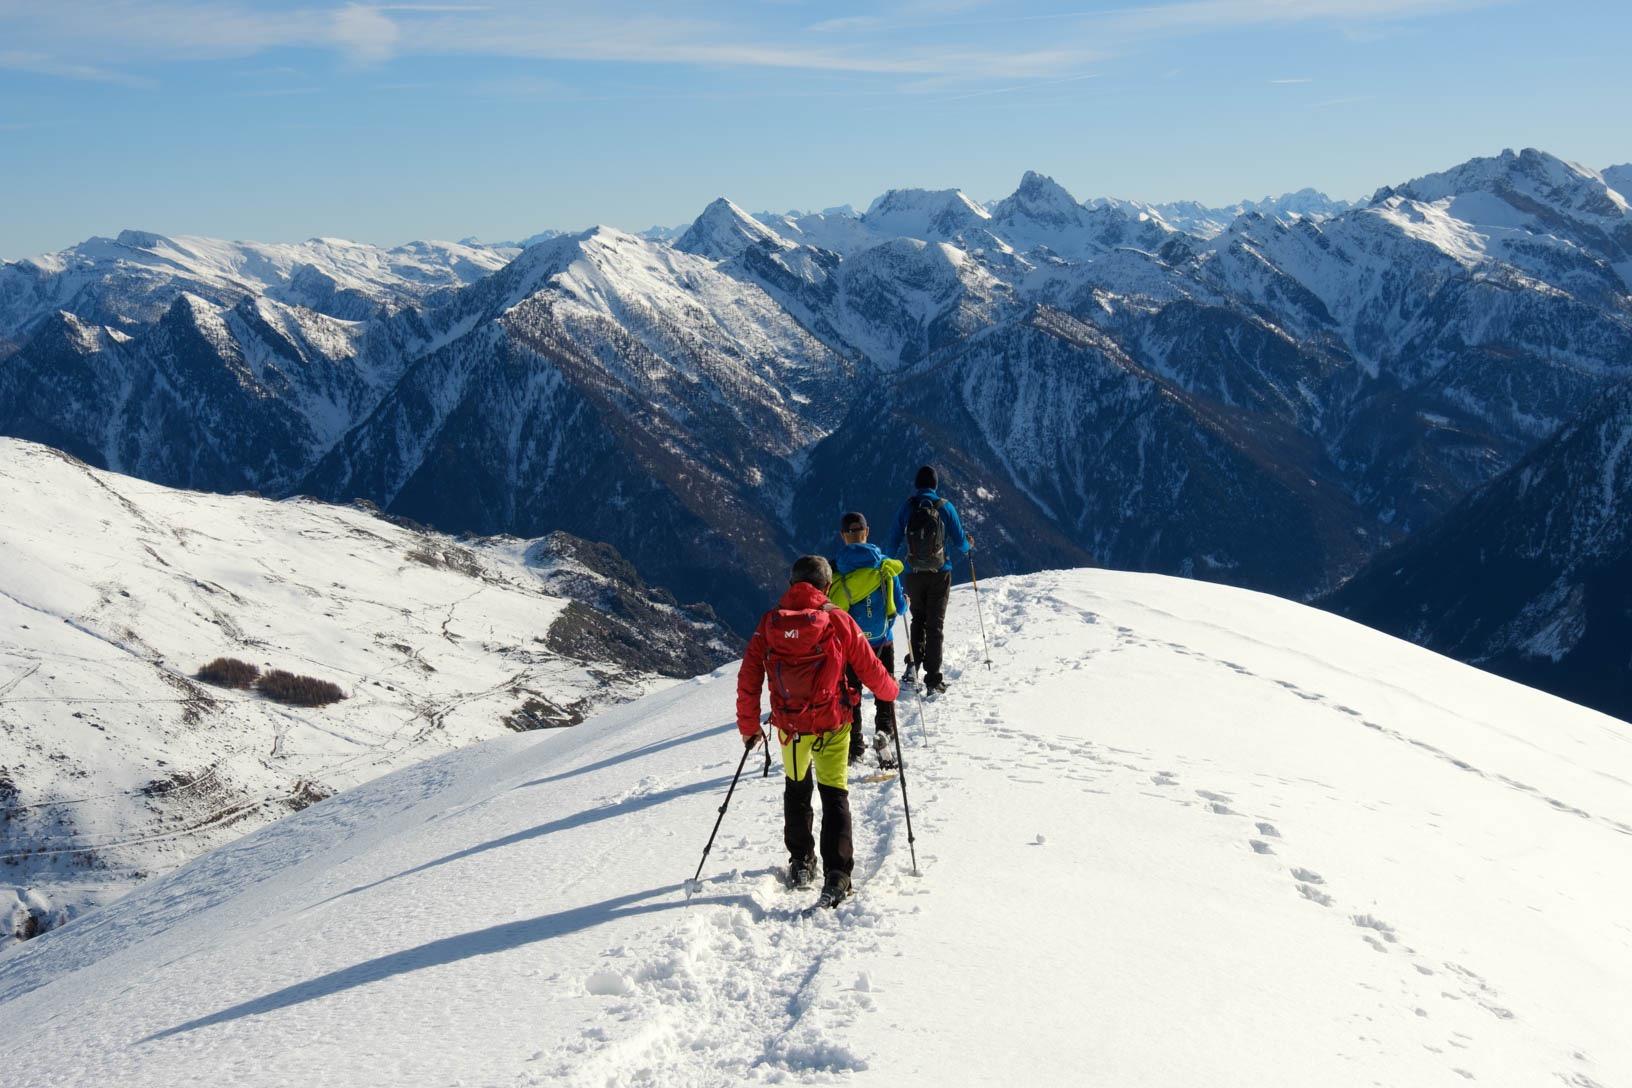 corso-di-escursionismo-invernale-con-racchette-da-neve-4